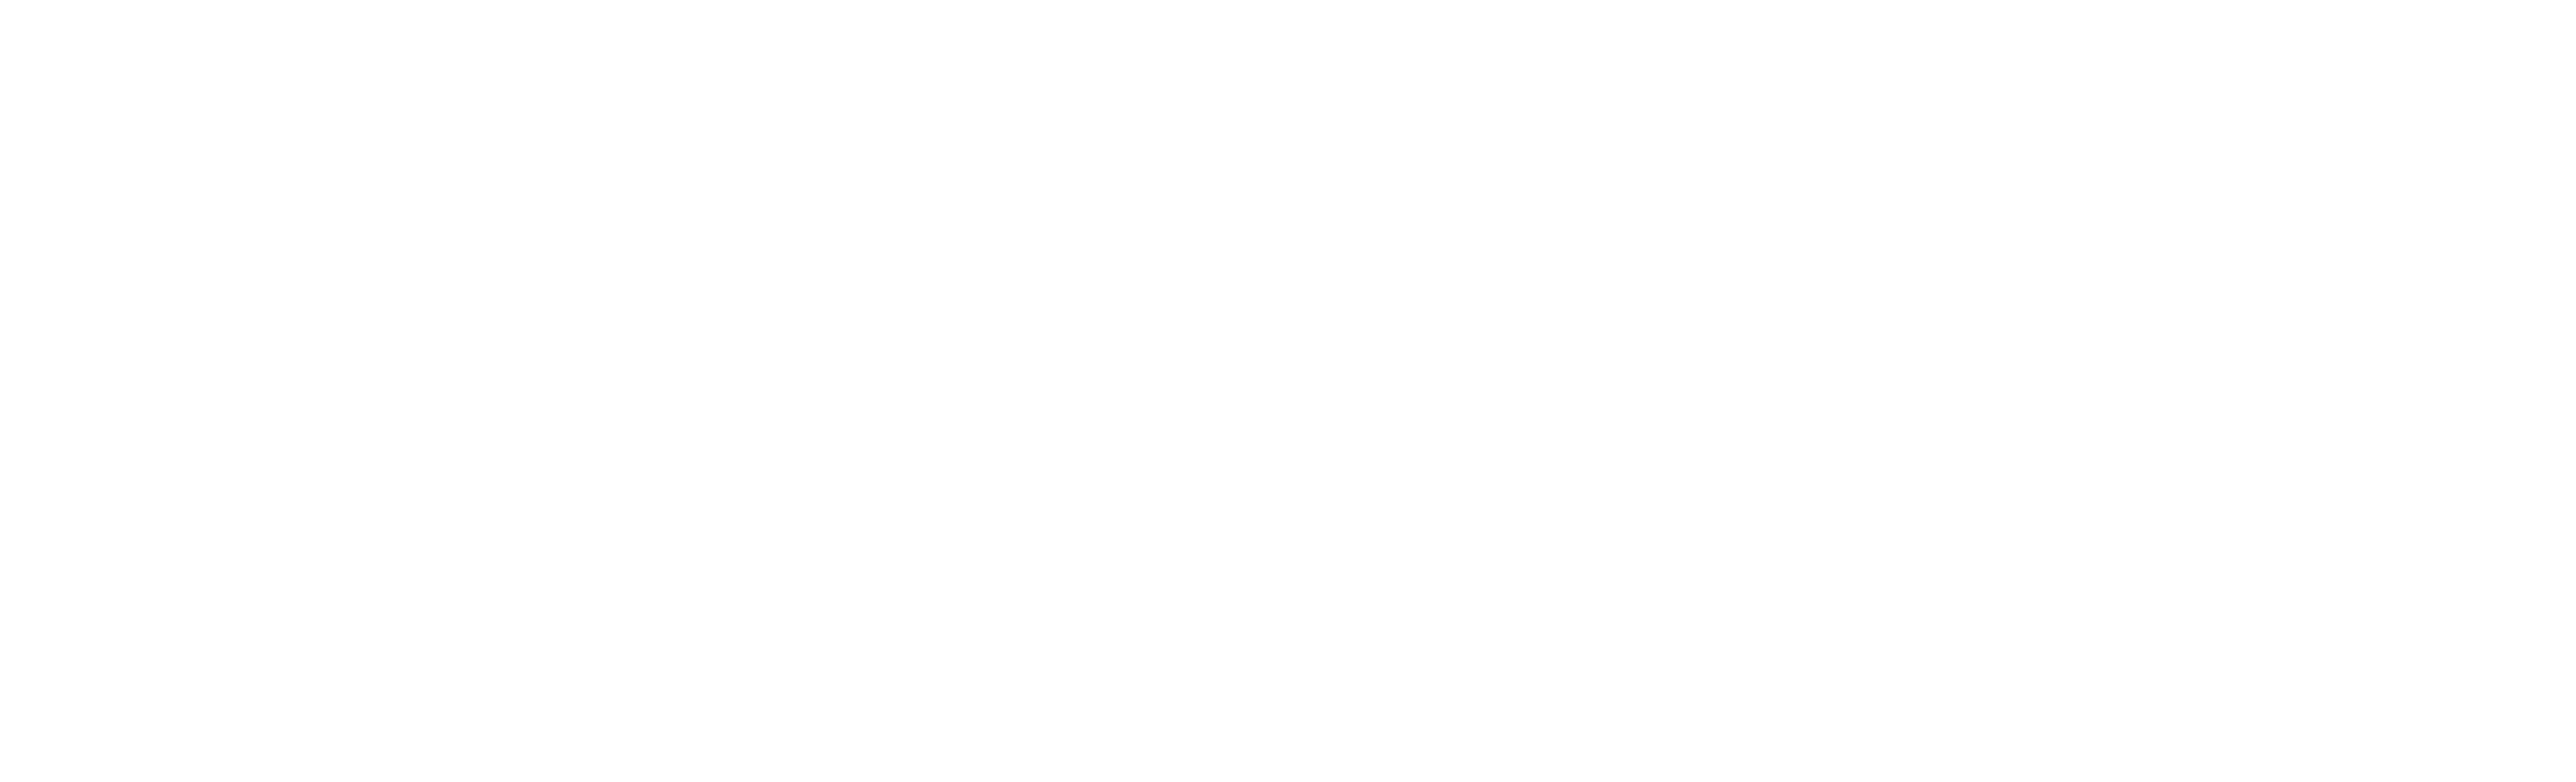 Diglu